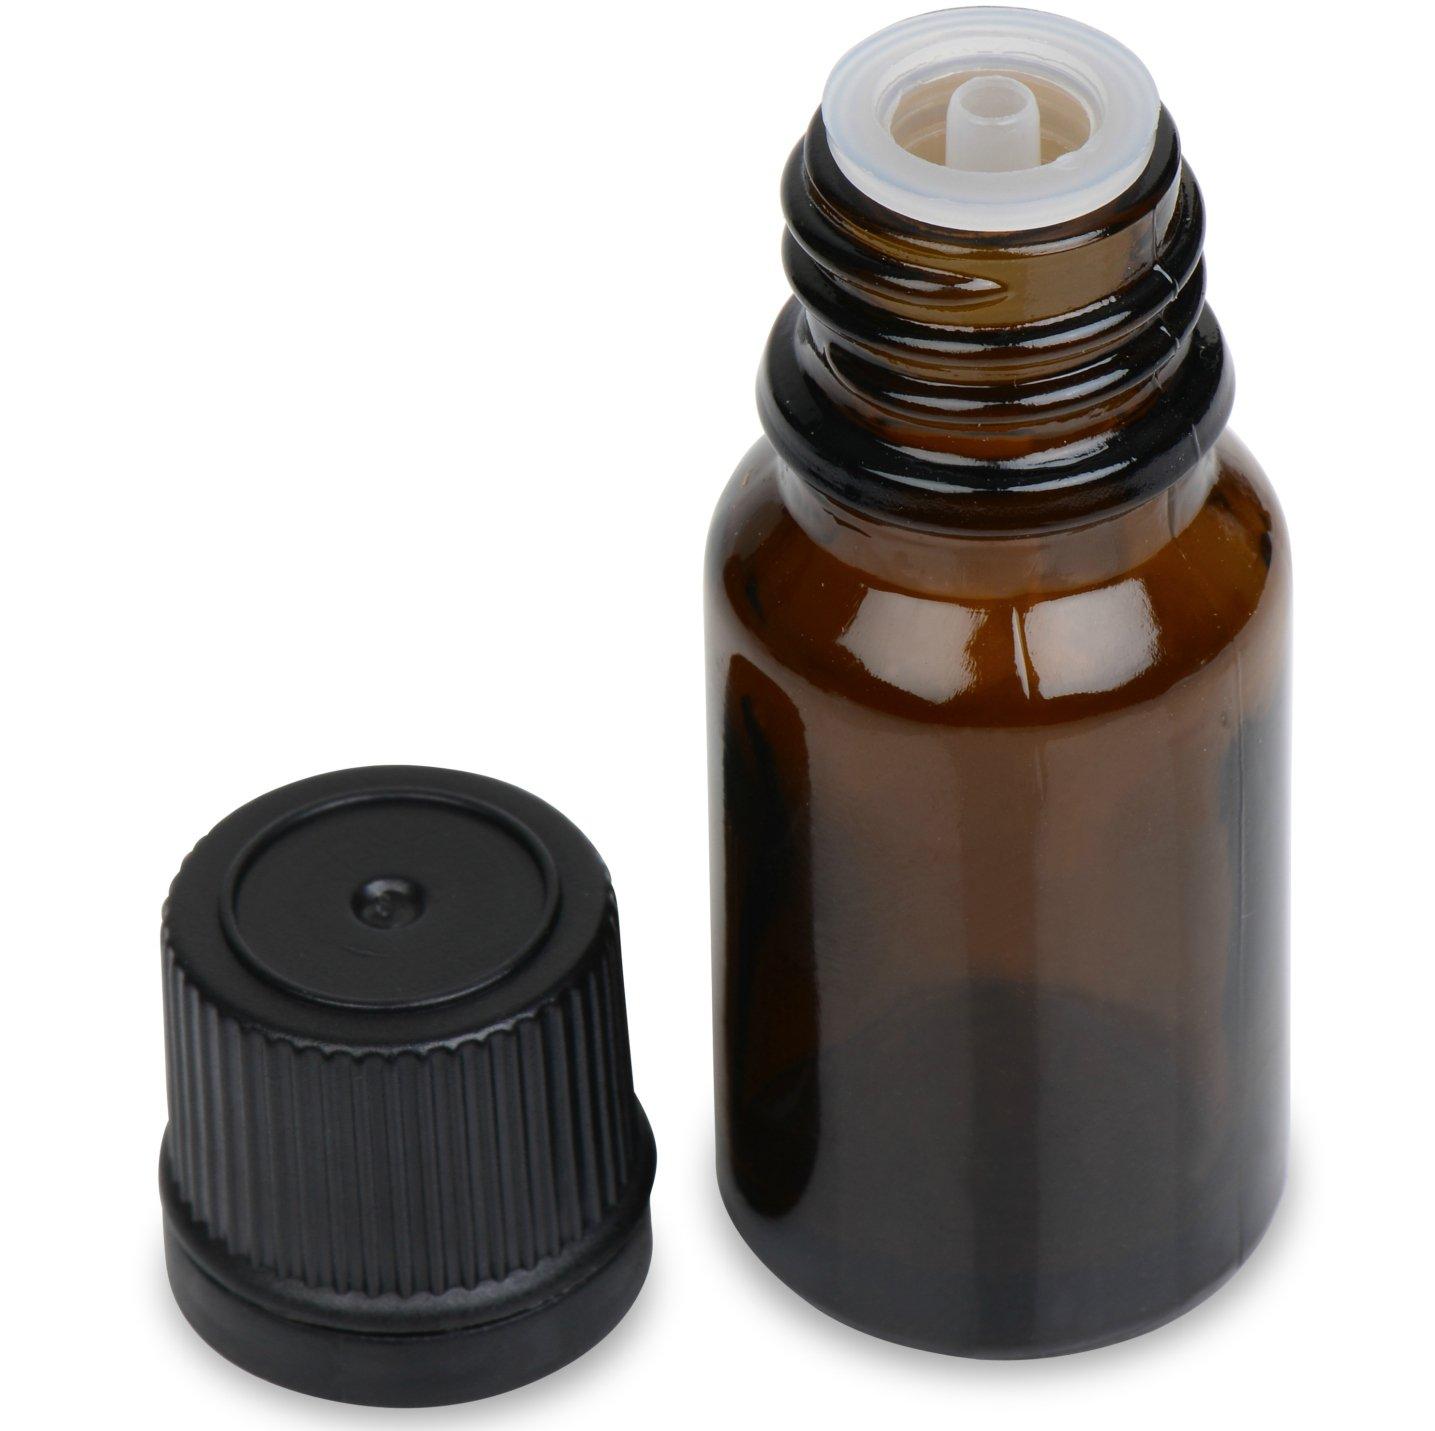 dormitorio coche nebulizador de aroma sin agua e inal/ámbrico con bater/ía recargable a trav/és de USB; perfecto para el hogar Difusor avanzado de aceite esencial para aromaterapia trabajo ba/ño